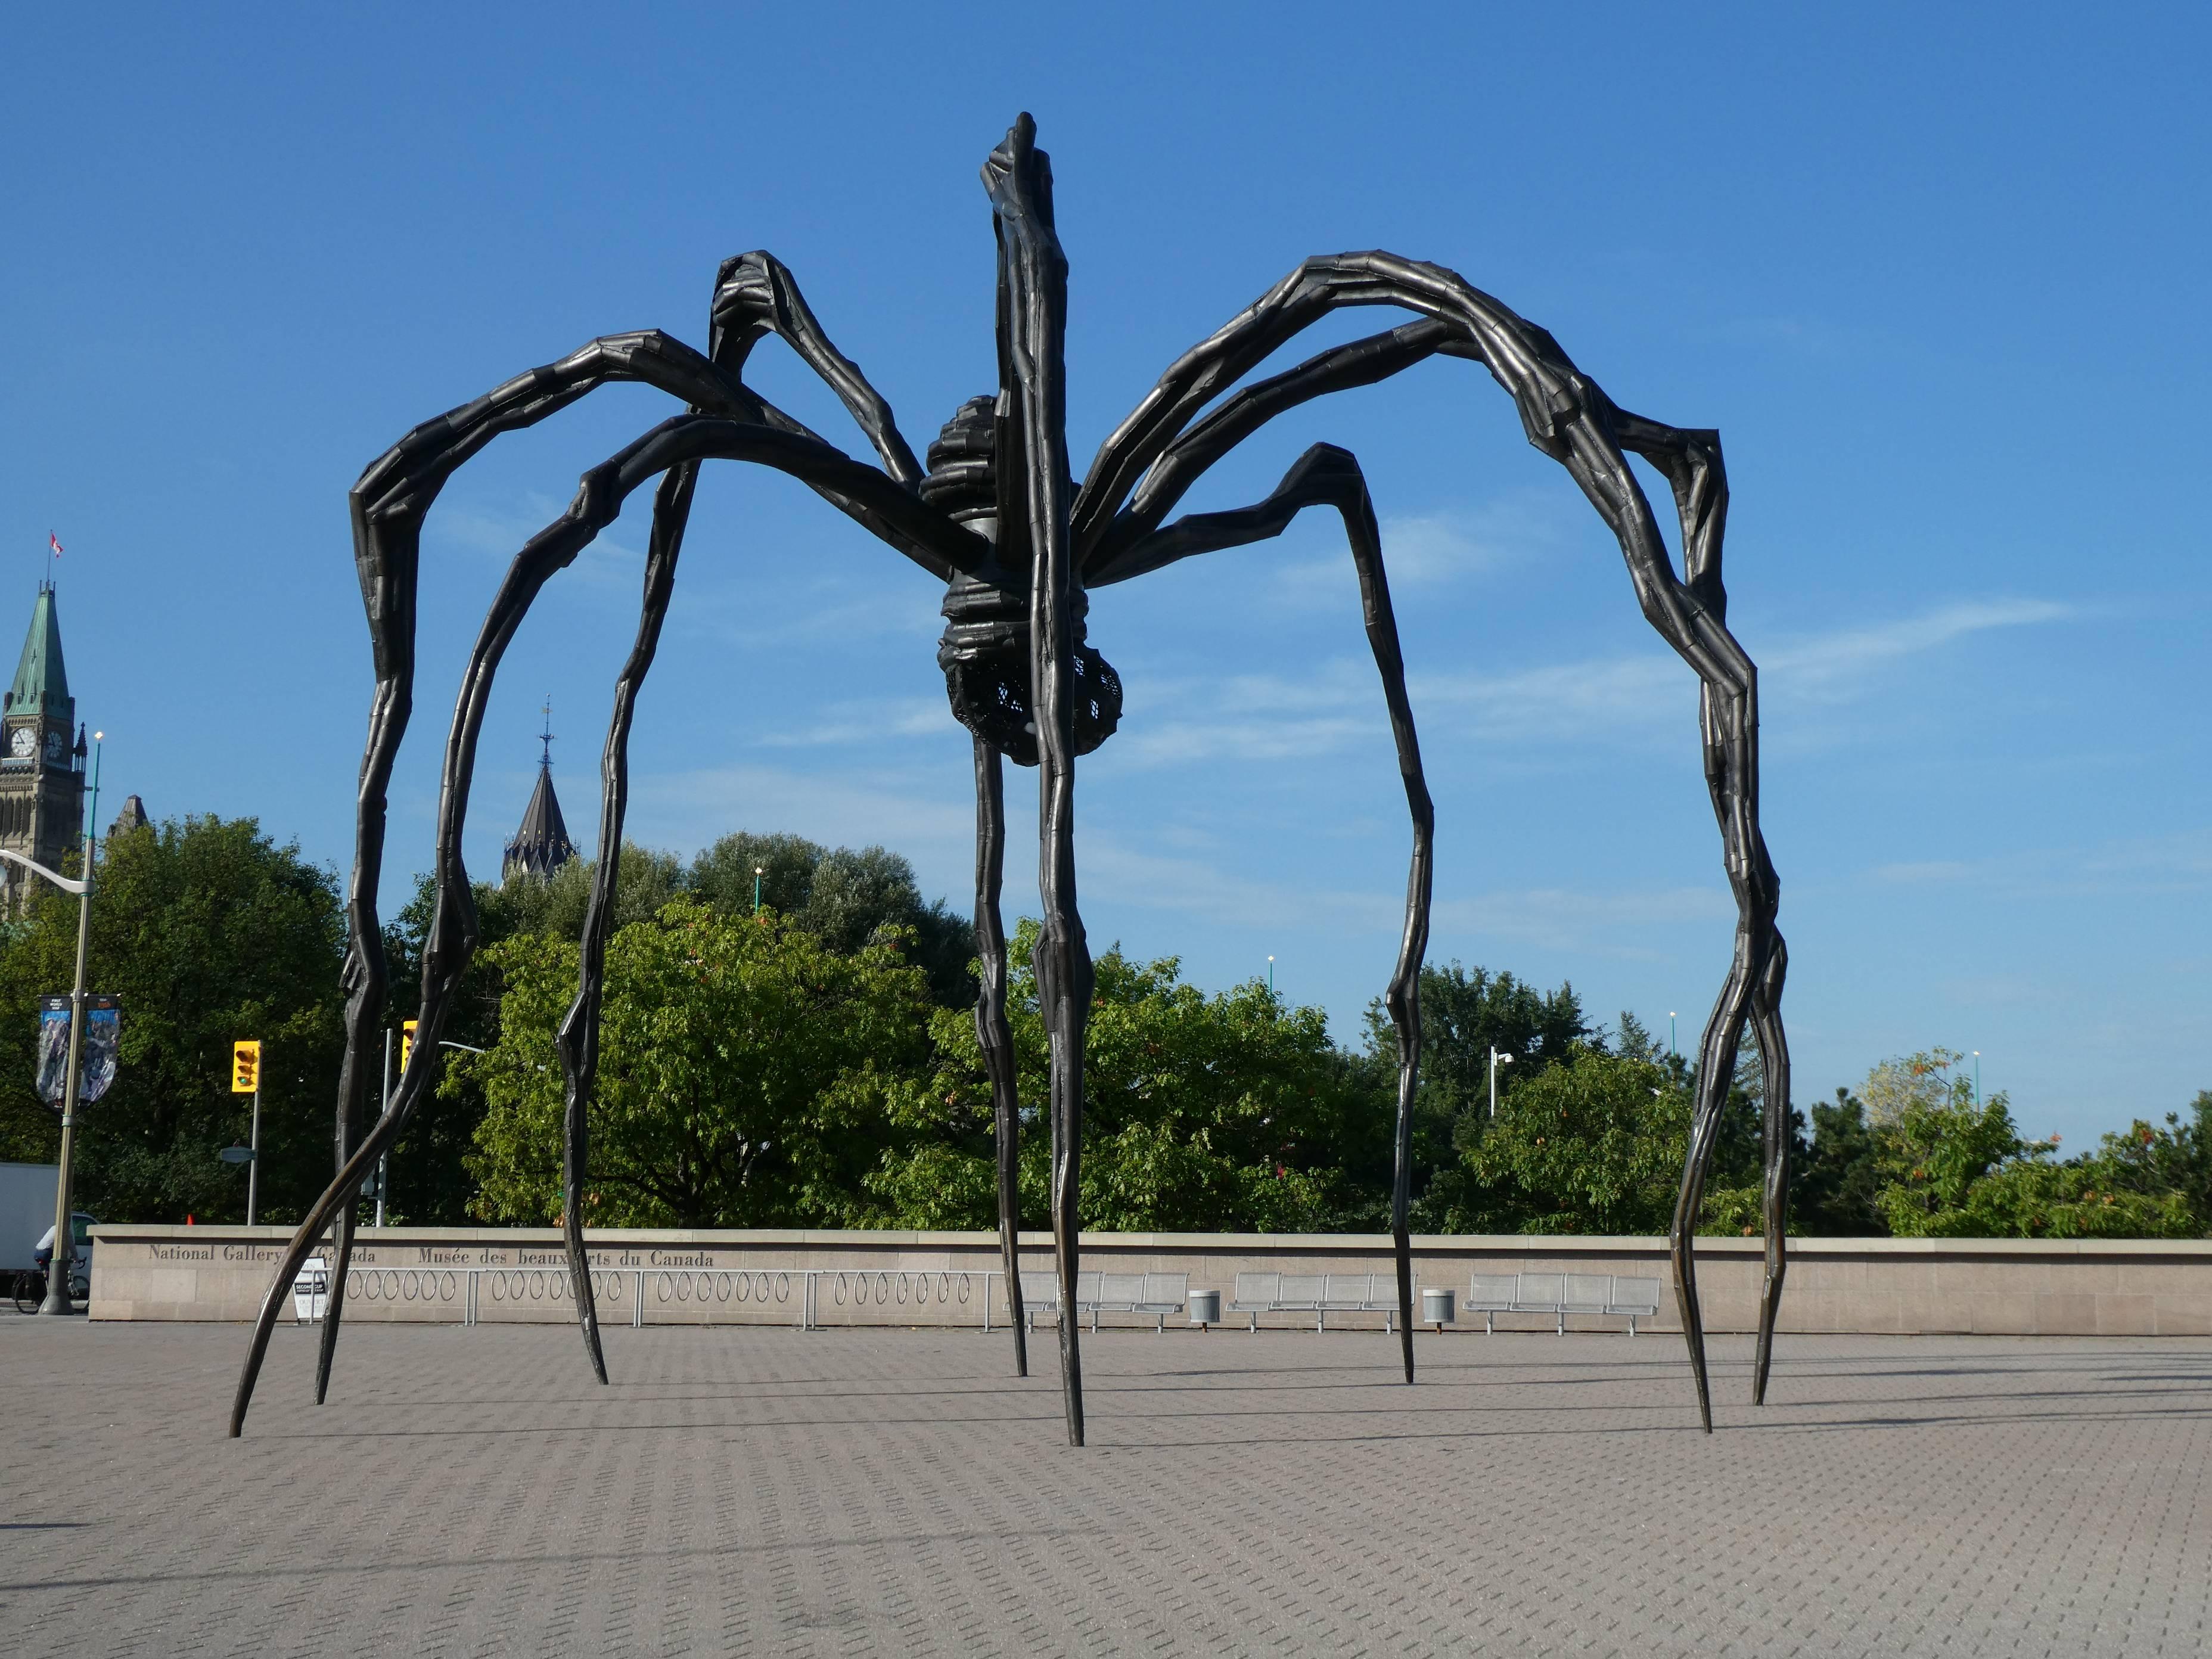 Photo 1: Ottawa, la belle capitale canadienne qui nous charmé